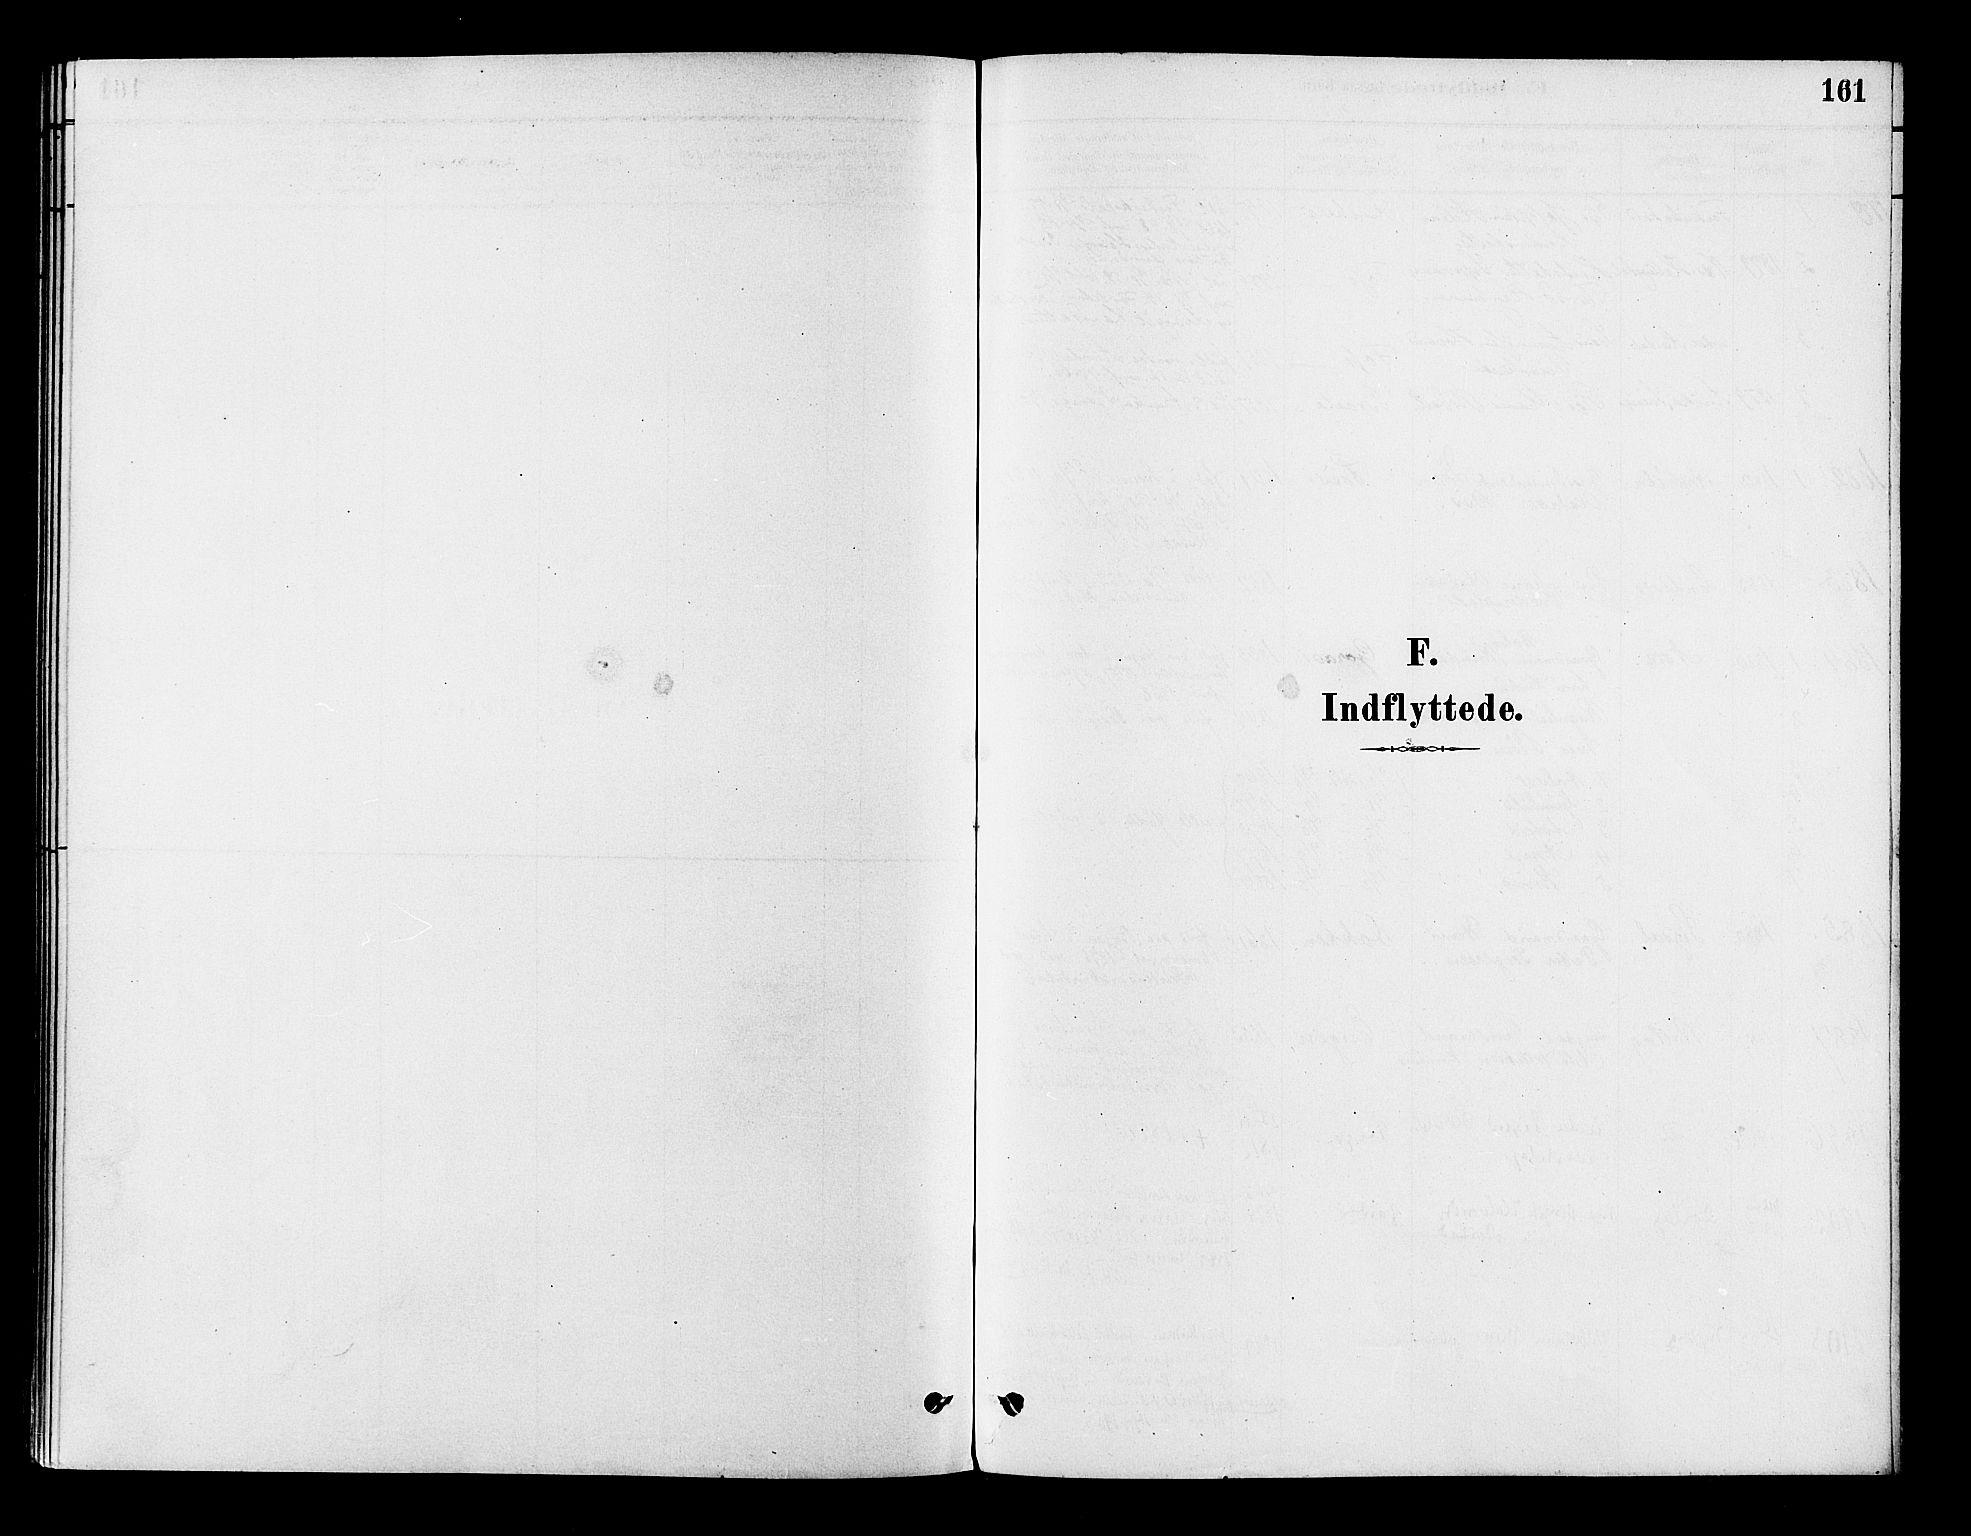 SAKO, Flesberg kirkebøker, F/Fb/L0001: Ministerialbok nr. II 1, 1879-1907, s. 161